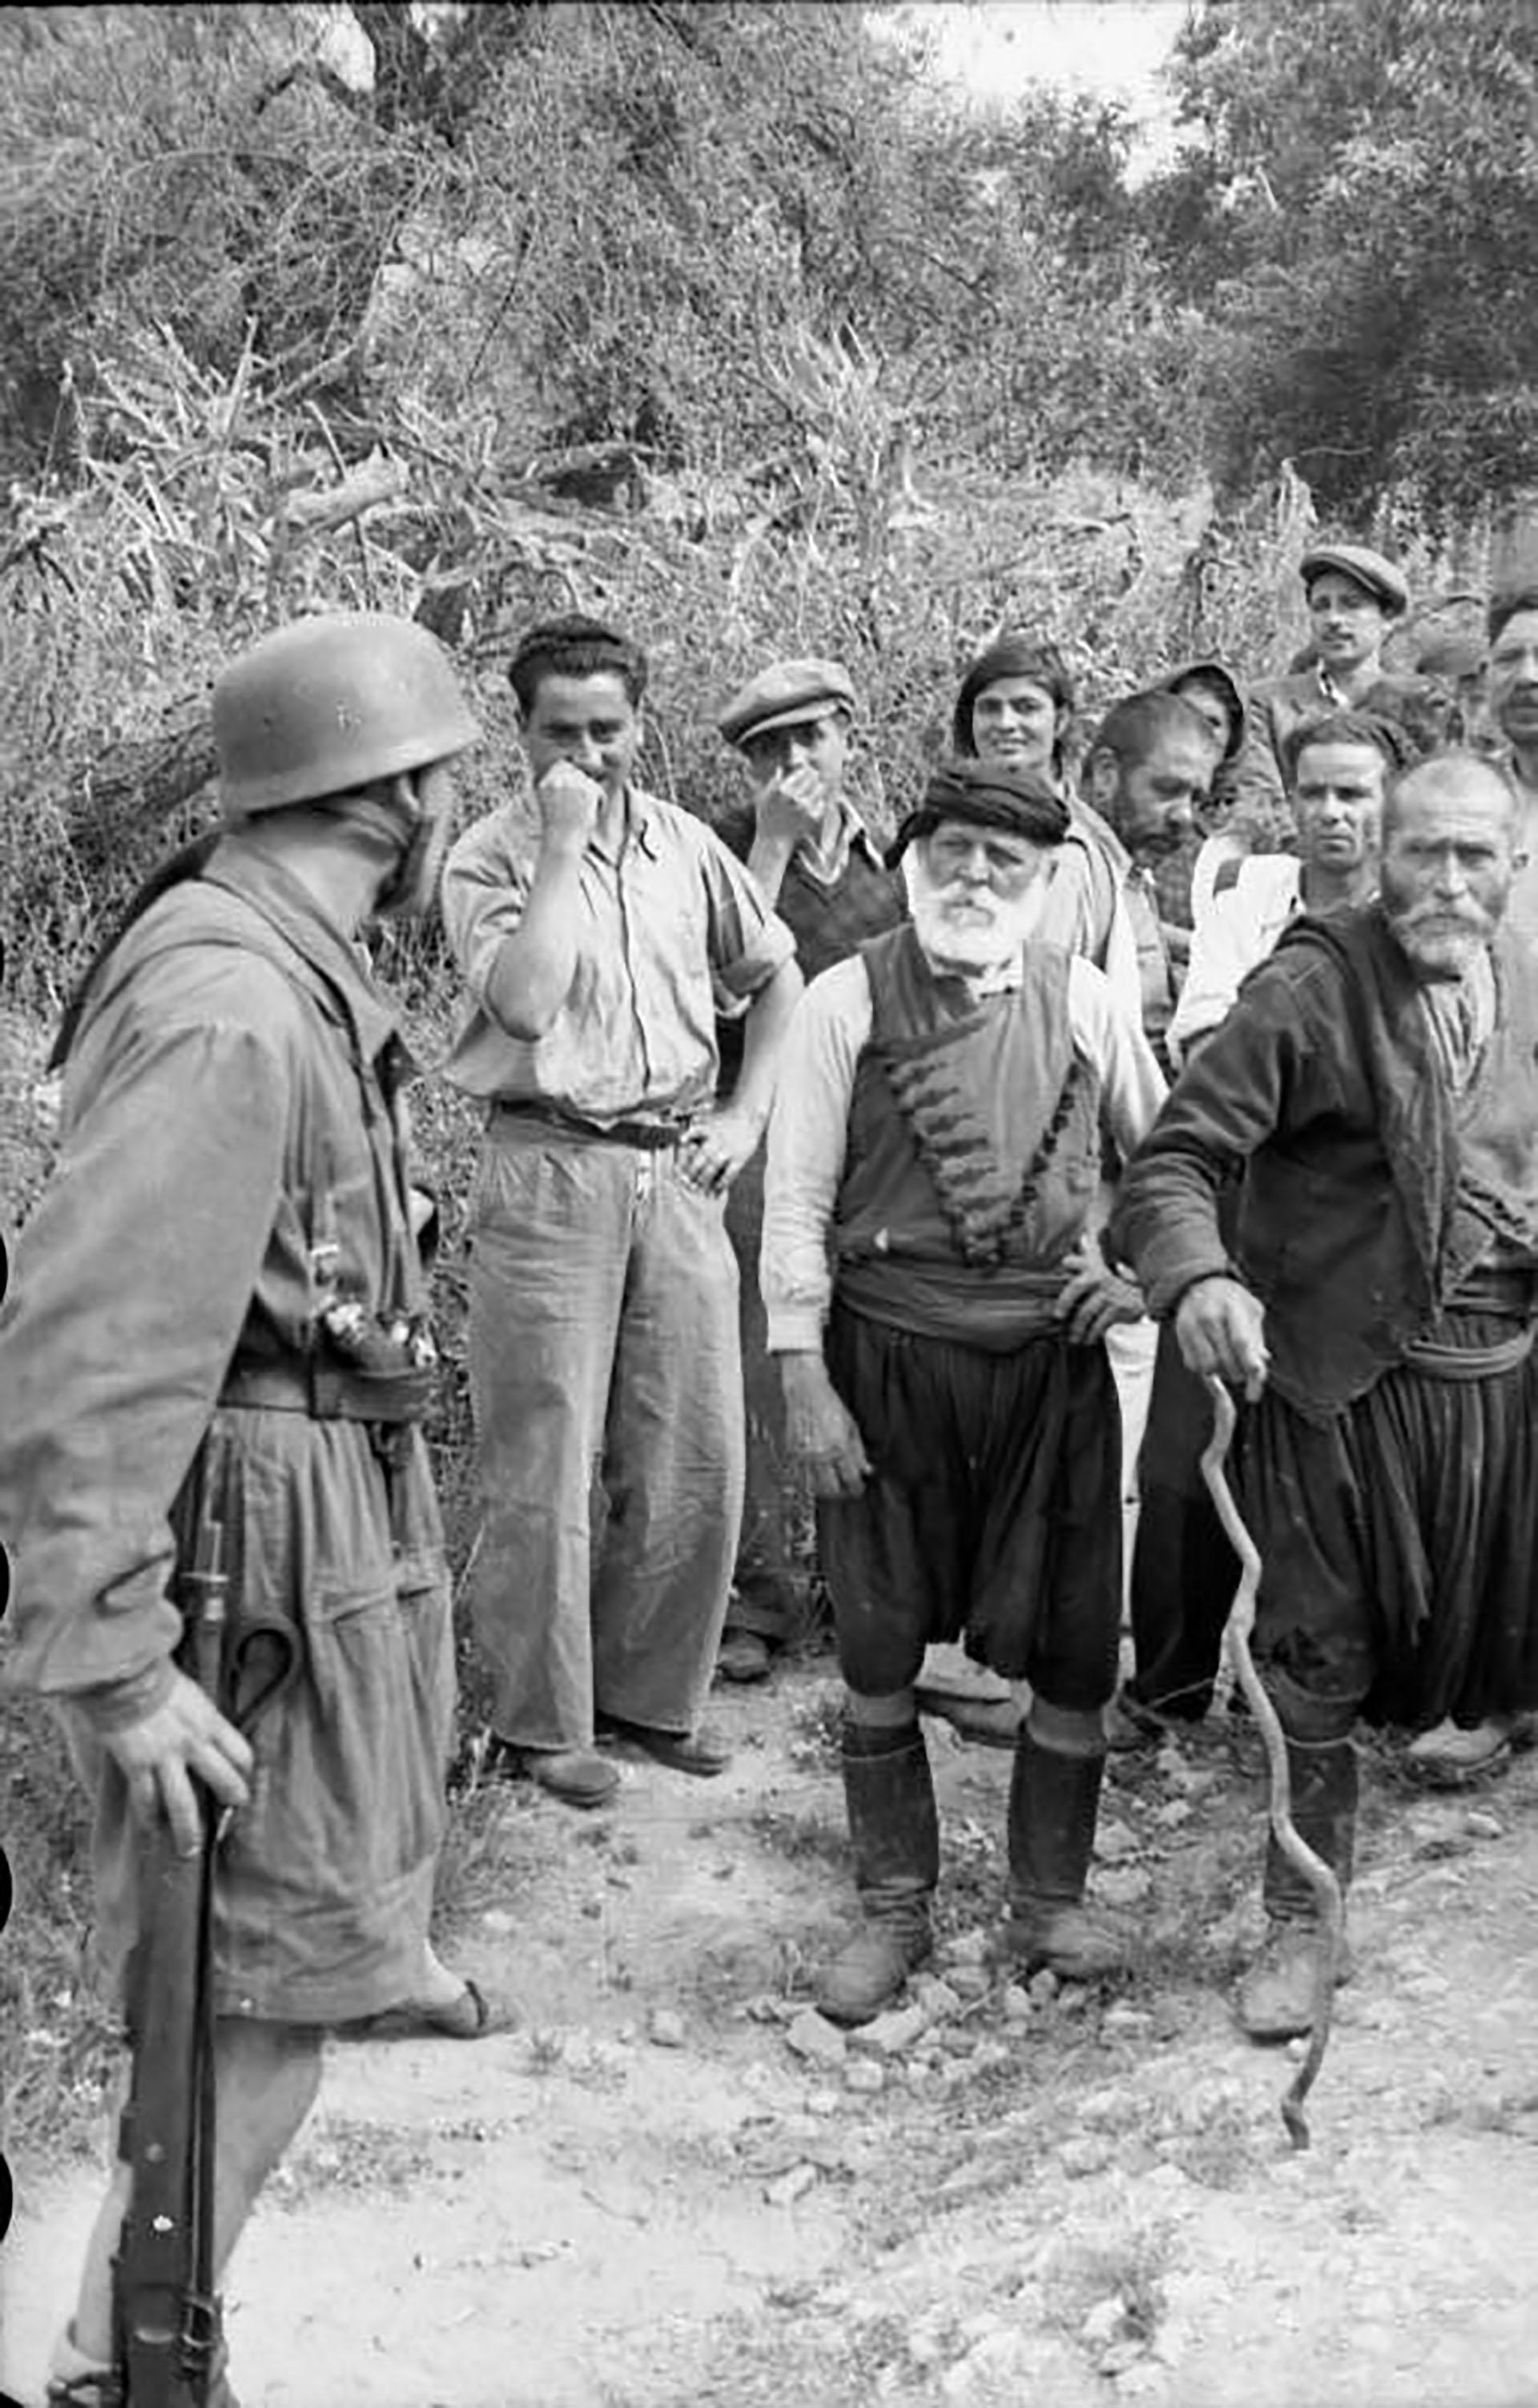 Civiles griegos cretenses se enfrentan a paracaidistas alemanes de Fallschirmjäger antes de que comenzara la masacre en Kondomari, Creta, en septiembre de 1941.